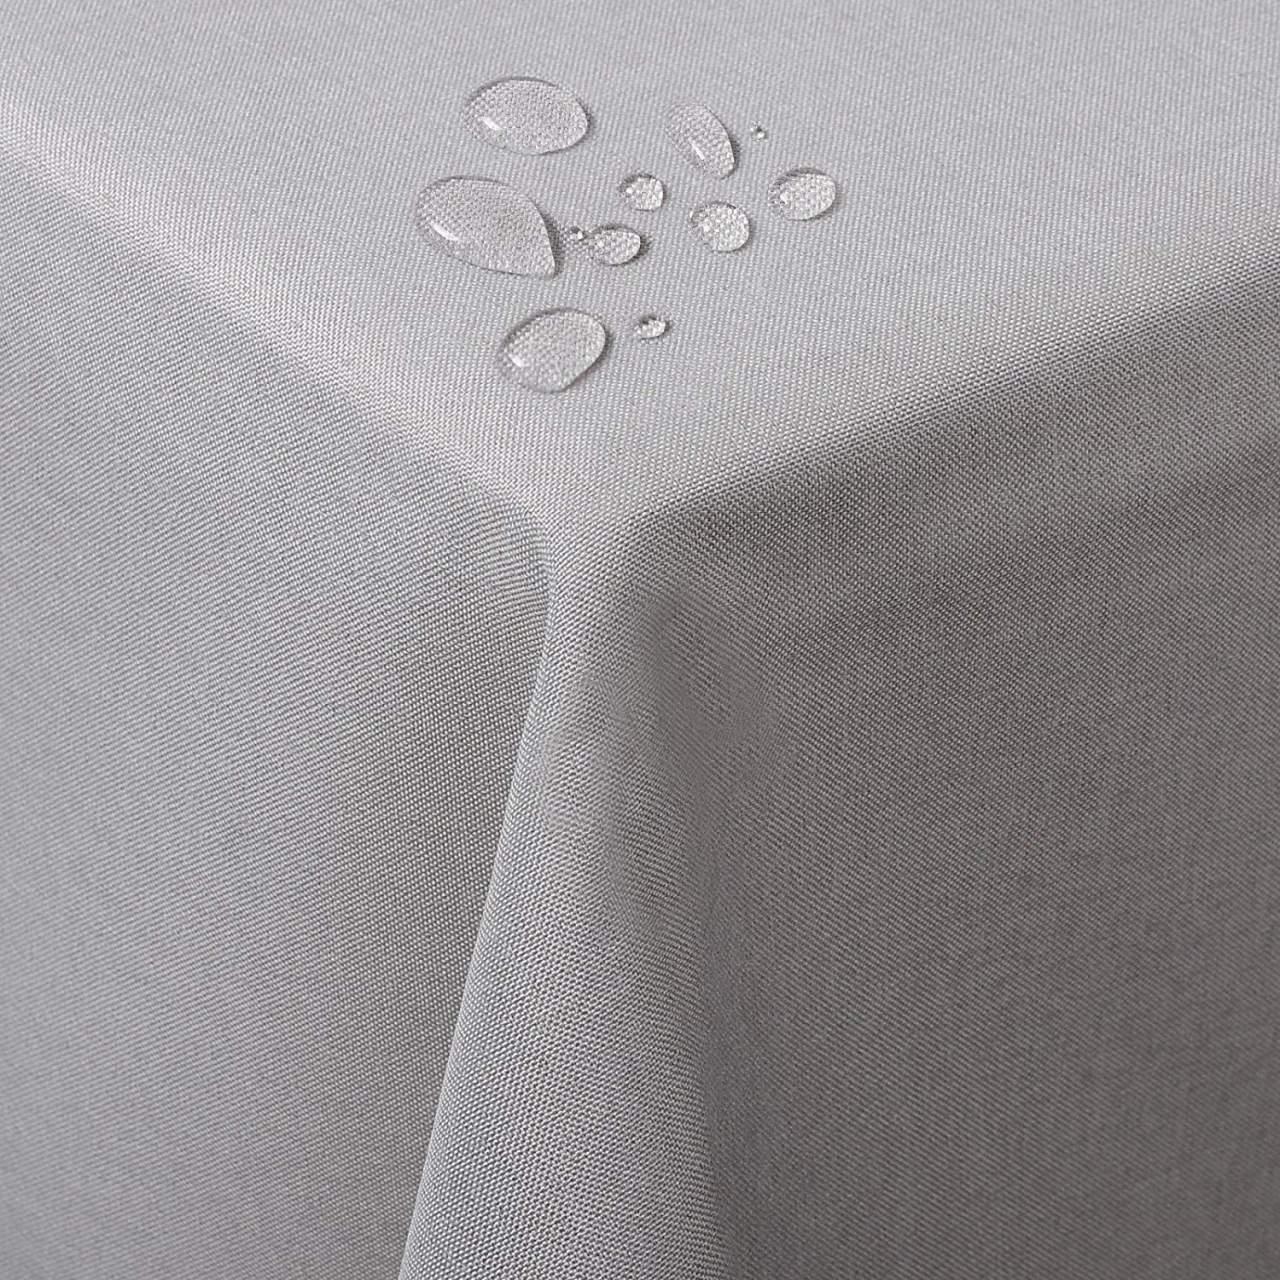 Mantel GRIS Claro Color Liso · Rectangular 10 Sillas